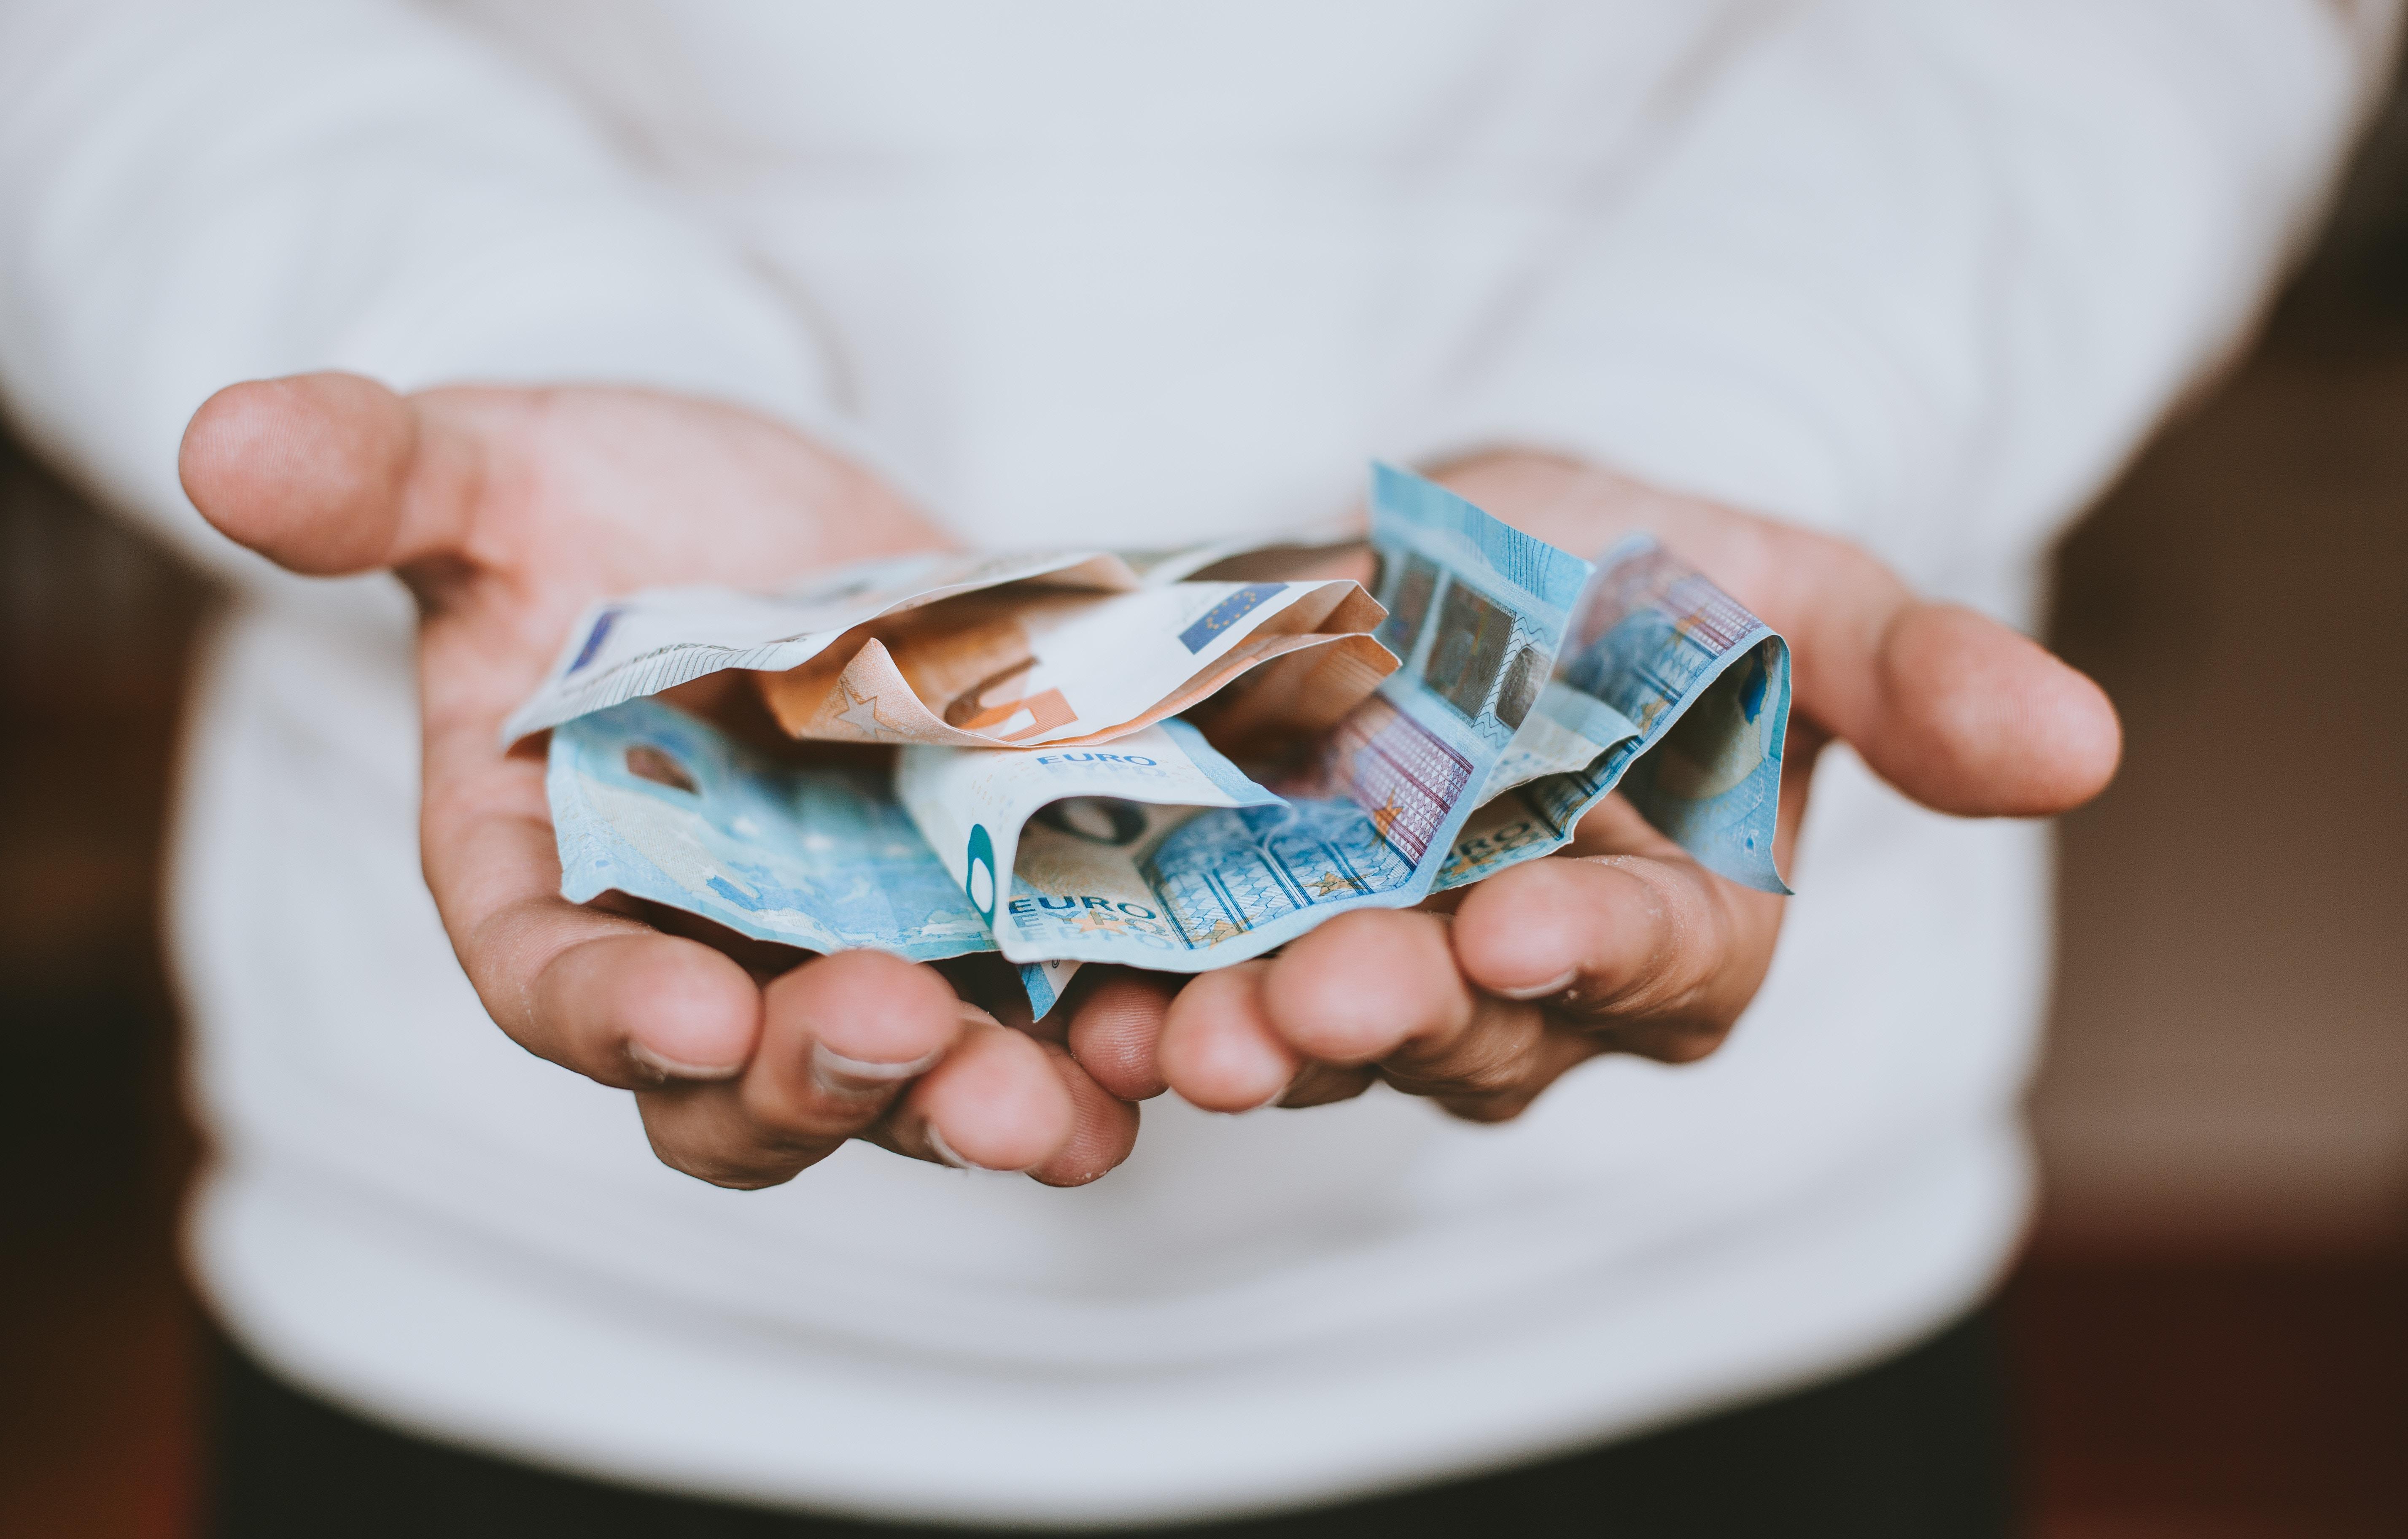 Fördermittel in Euroscheinen für die Selbsthilfe